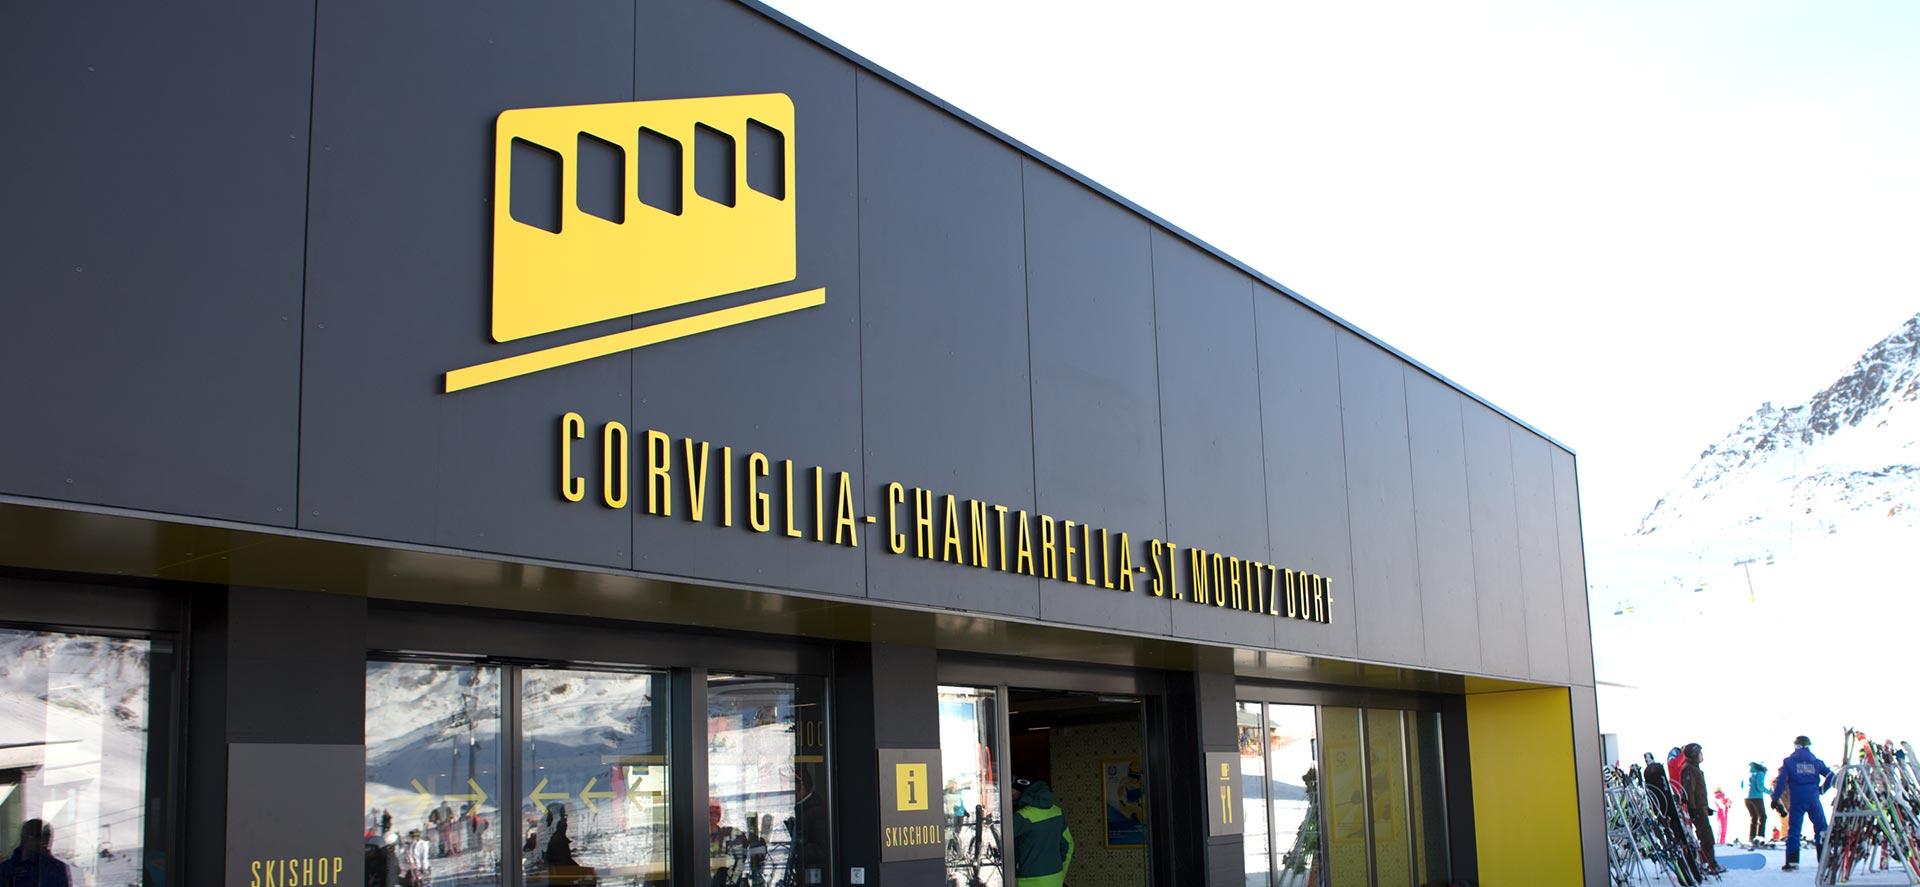 Signaletik für die Corviglia